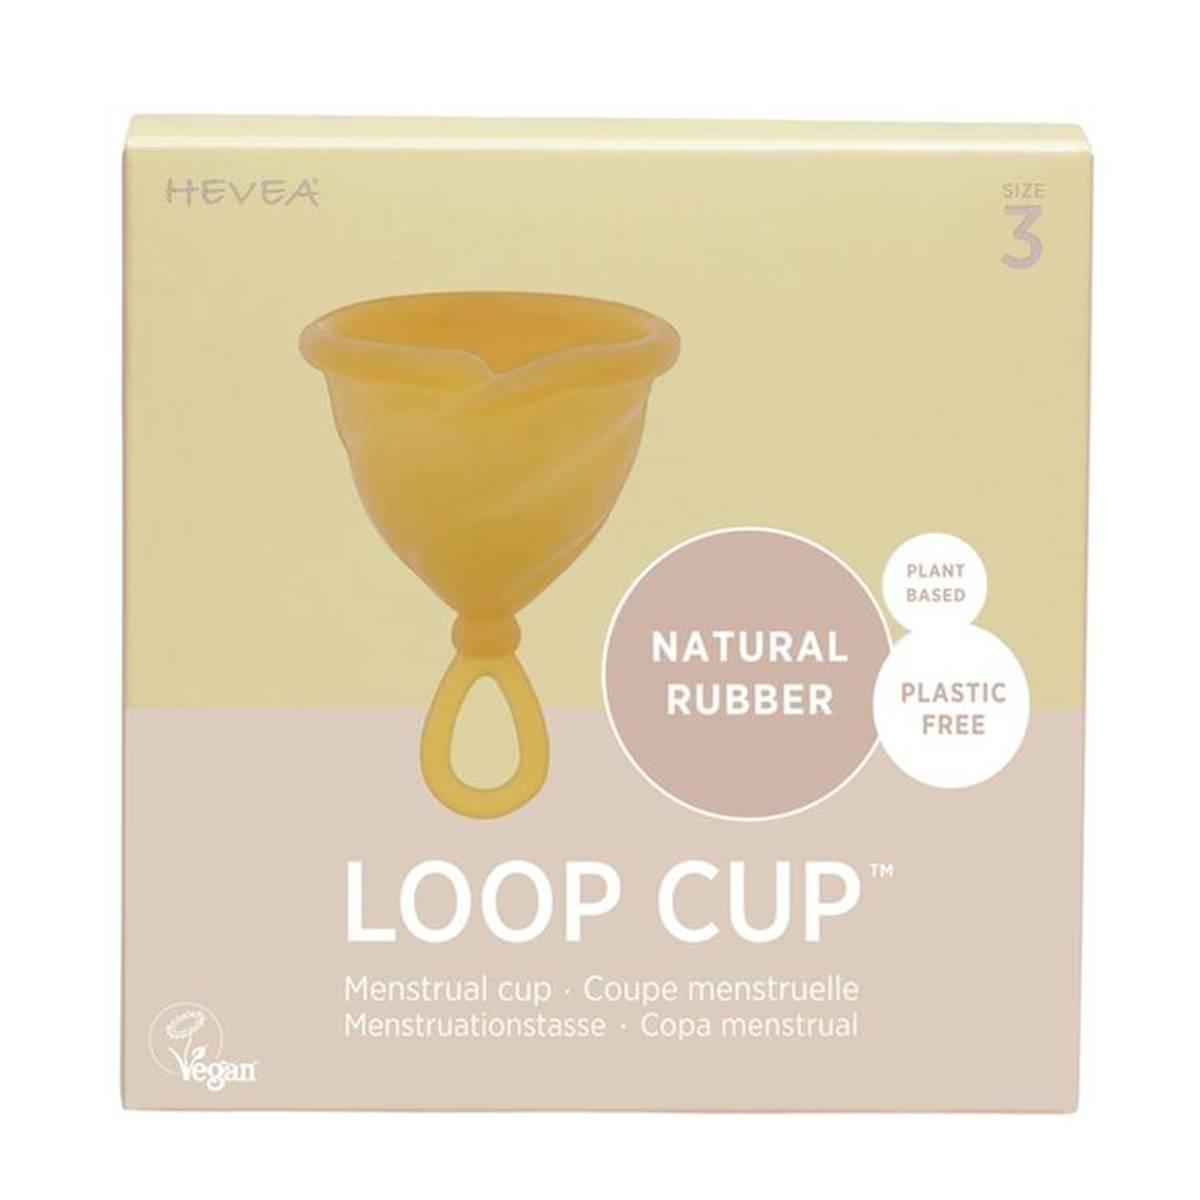 LOOP CUP str.3, menskopp i naturgummi / Hevea